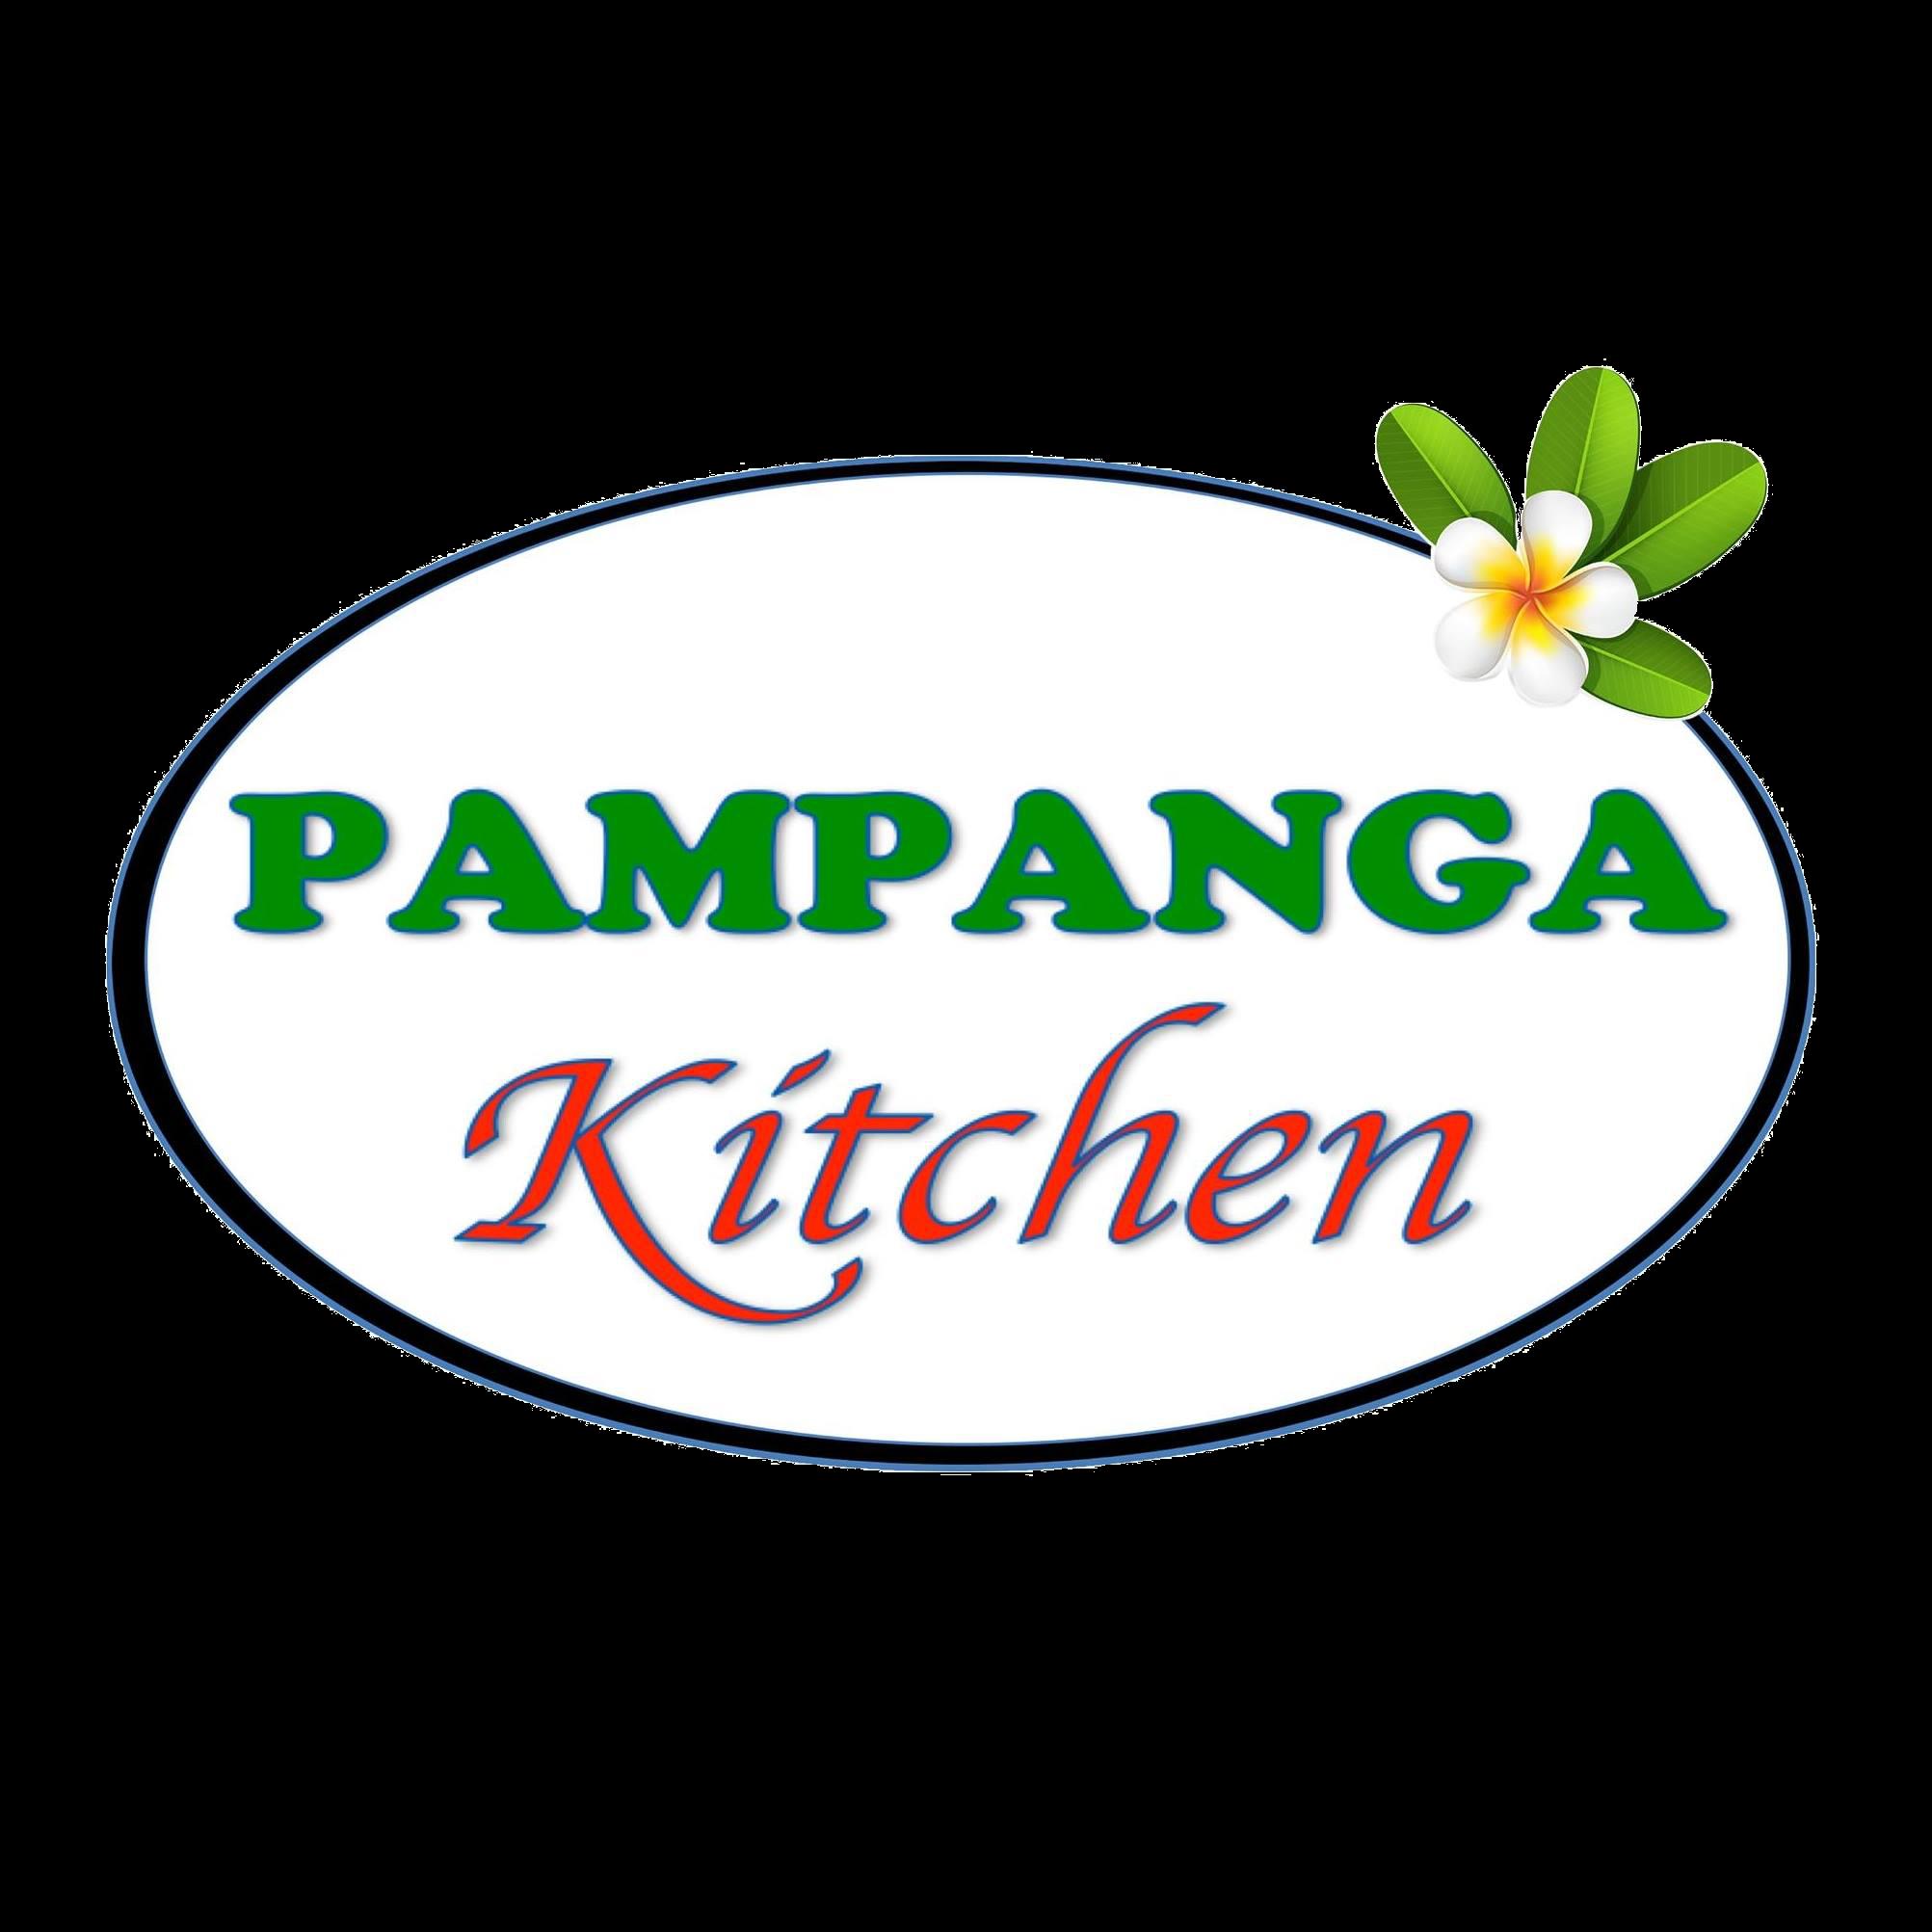 Pampanga Kitchen photo